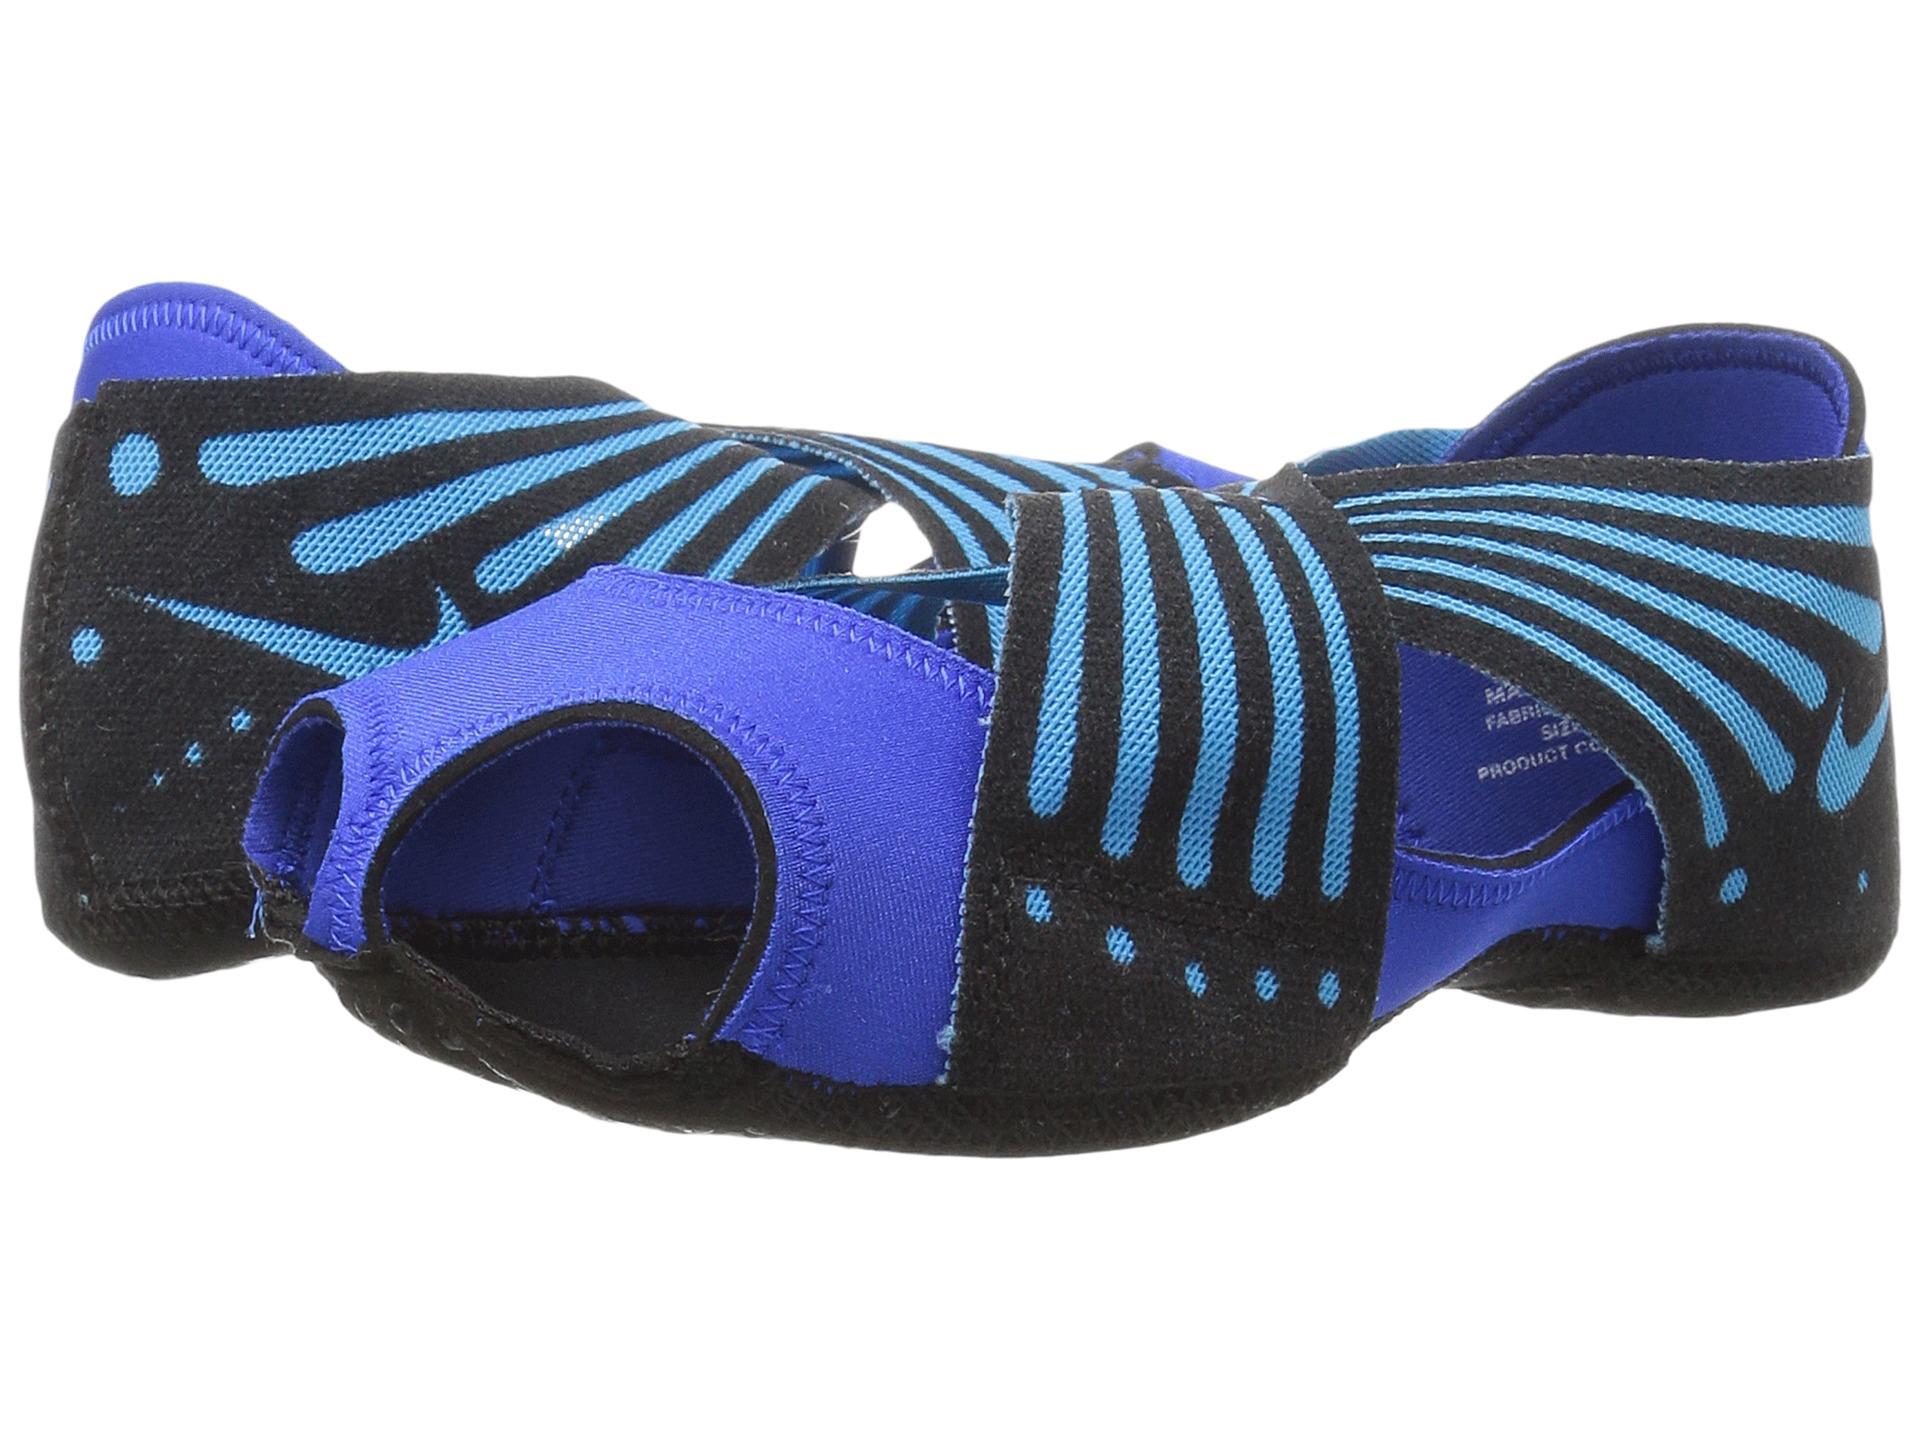 nike studio wrap 4 racer blueblackblue glow zapposcom